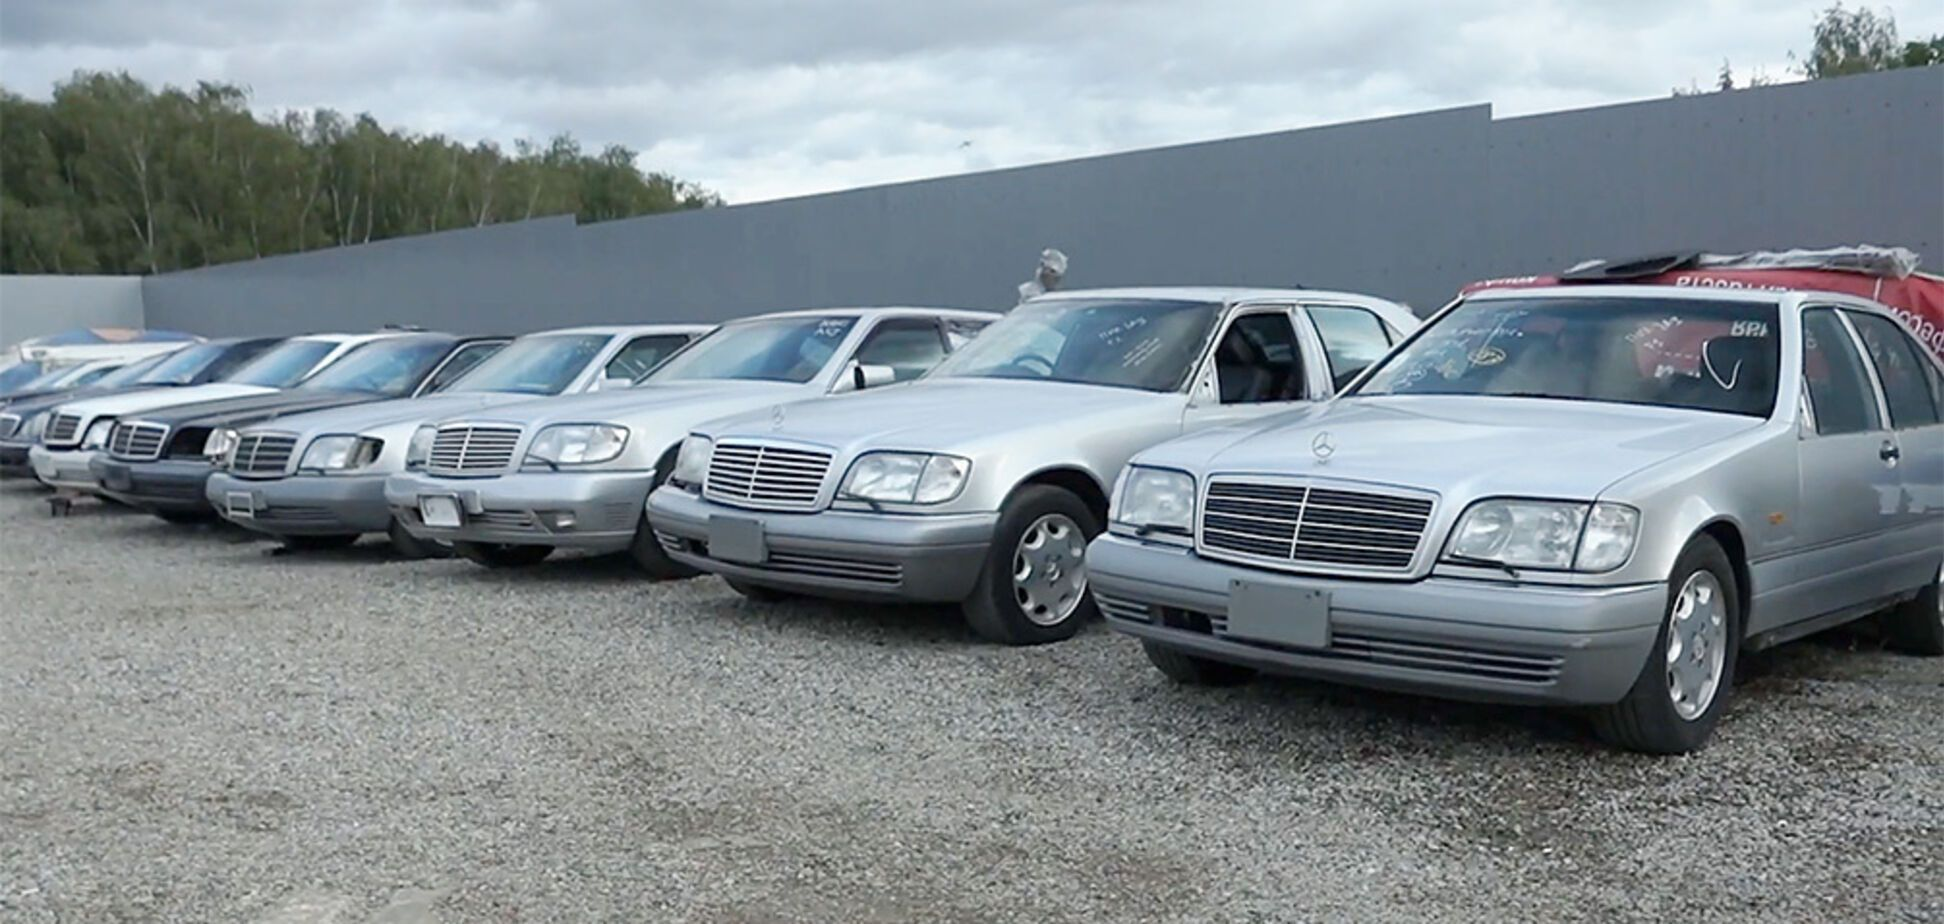 Блогеры нашли партию идеальных Mercedes W140: машины будут уничтожены